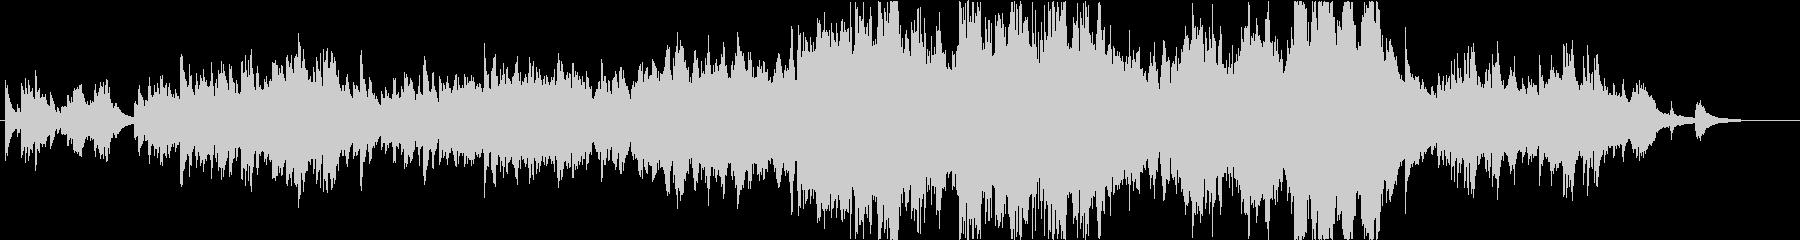 ピアノ連弾とストリングスの曲の未再生の波形